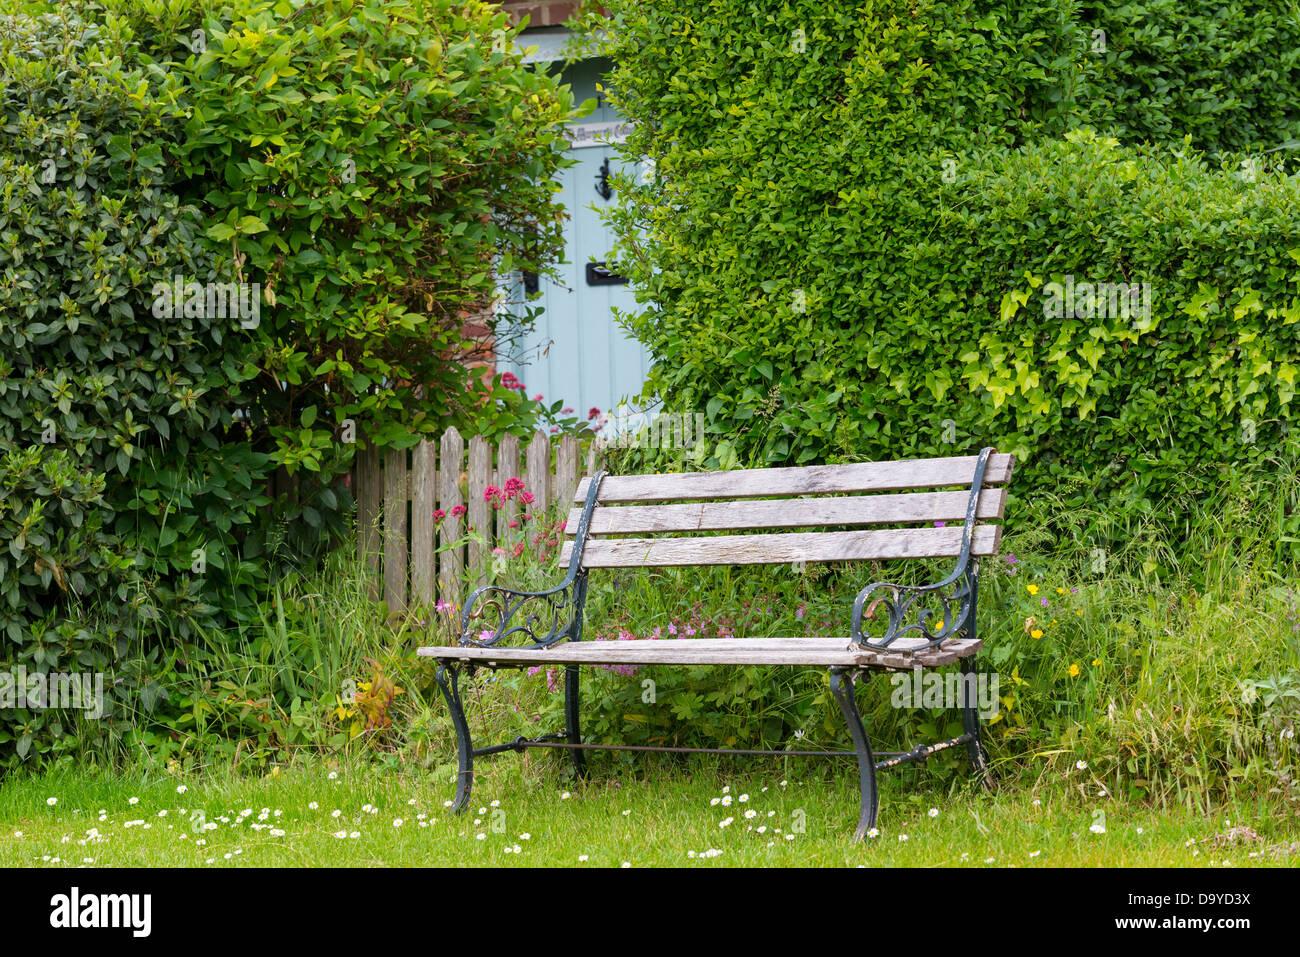 Anspruchsvoll Sitzplatz Garten Foto Von Ansicht Mit Garten-sitzplatz, Tor Und Tür, Norfolk,